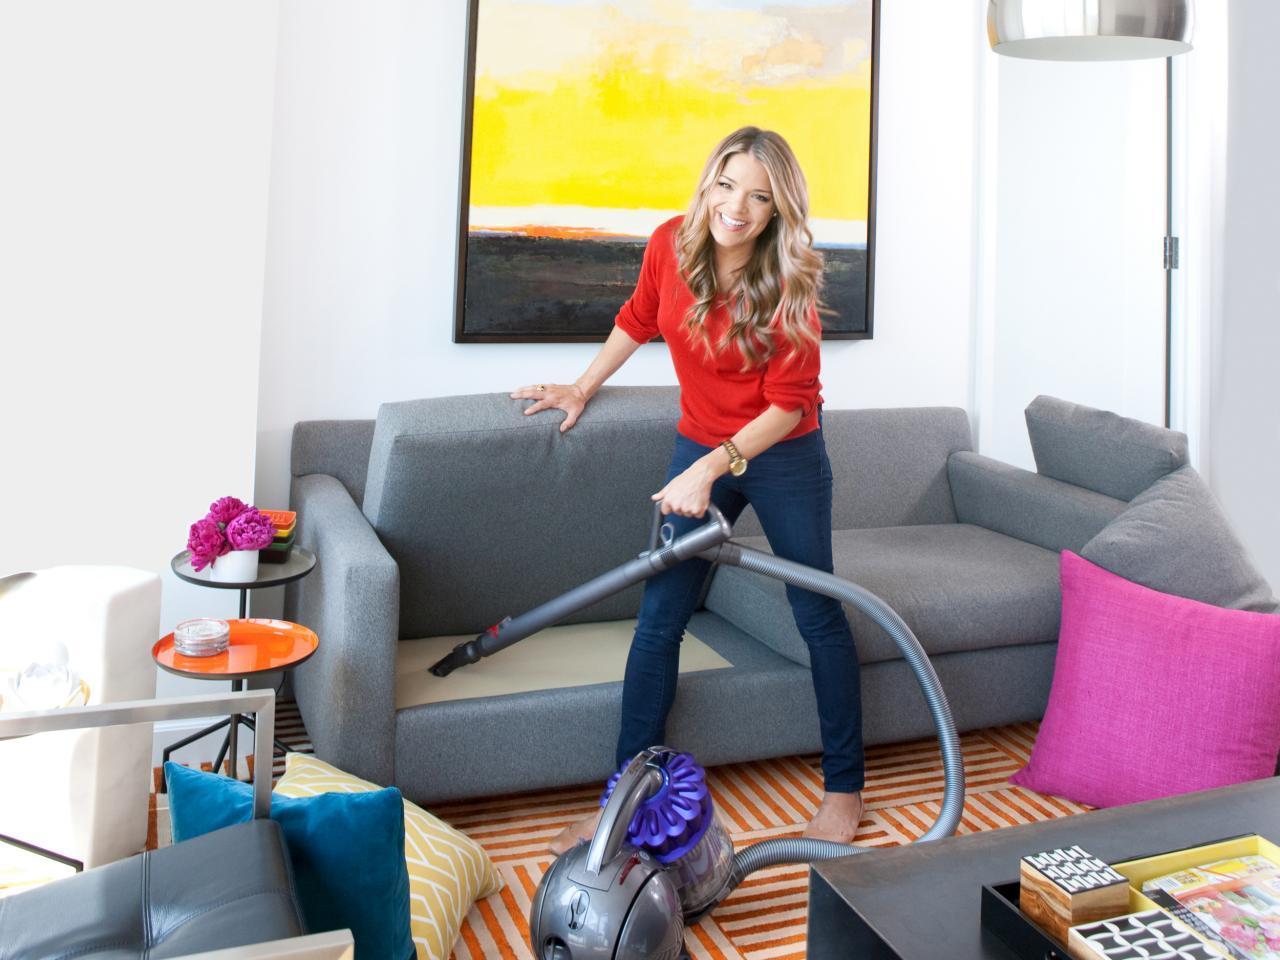 Как убрать дом быстро и качественно